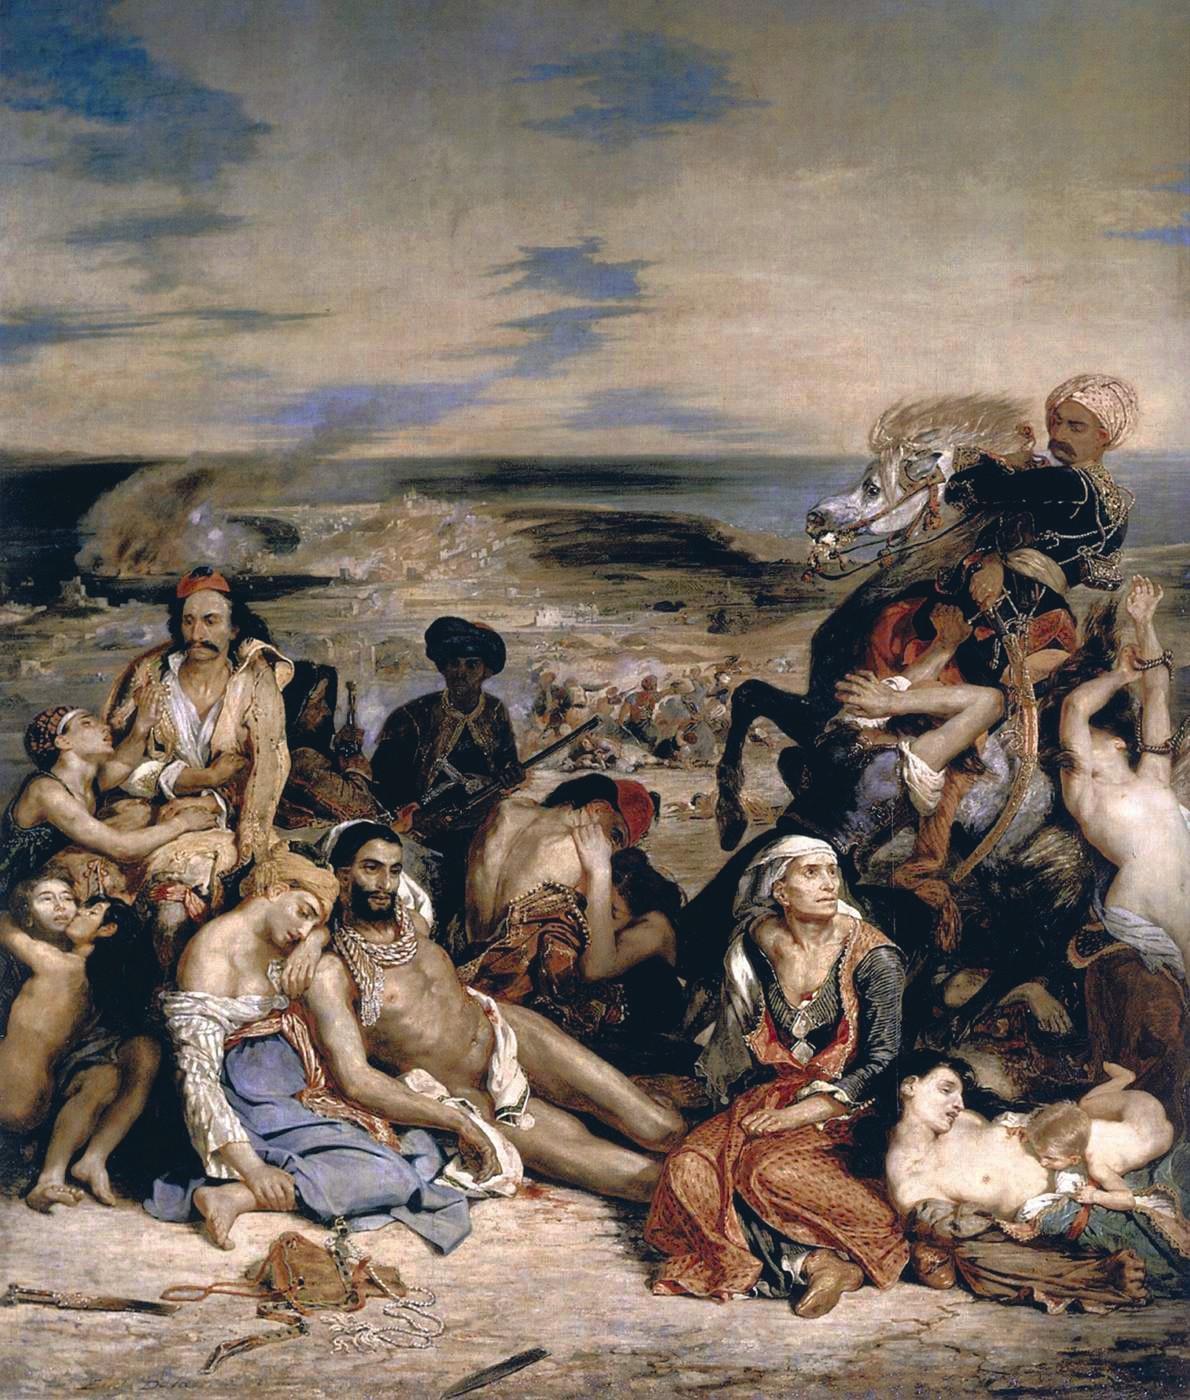 Eugène Delacroix, Scène des massacres de Scio, 1824, huile sur toile, 419 x 354 cm, musée du Louvre, Paris.